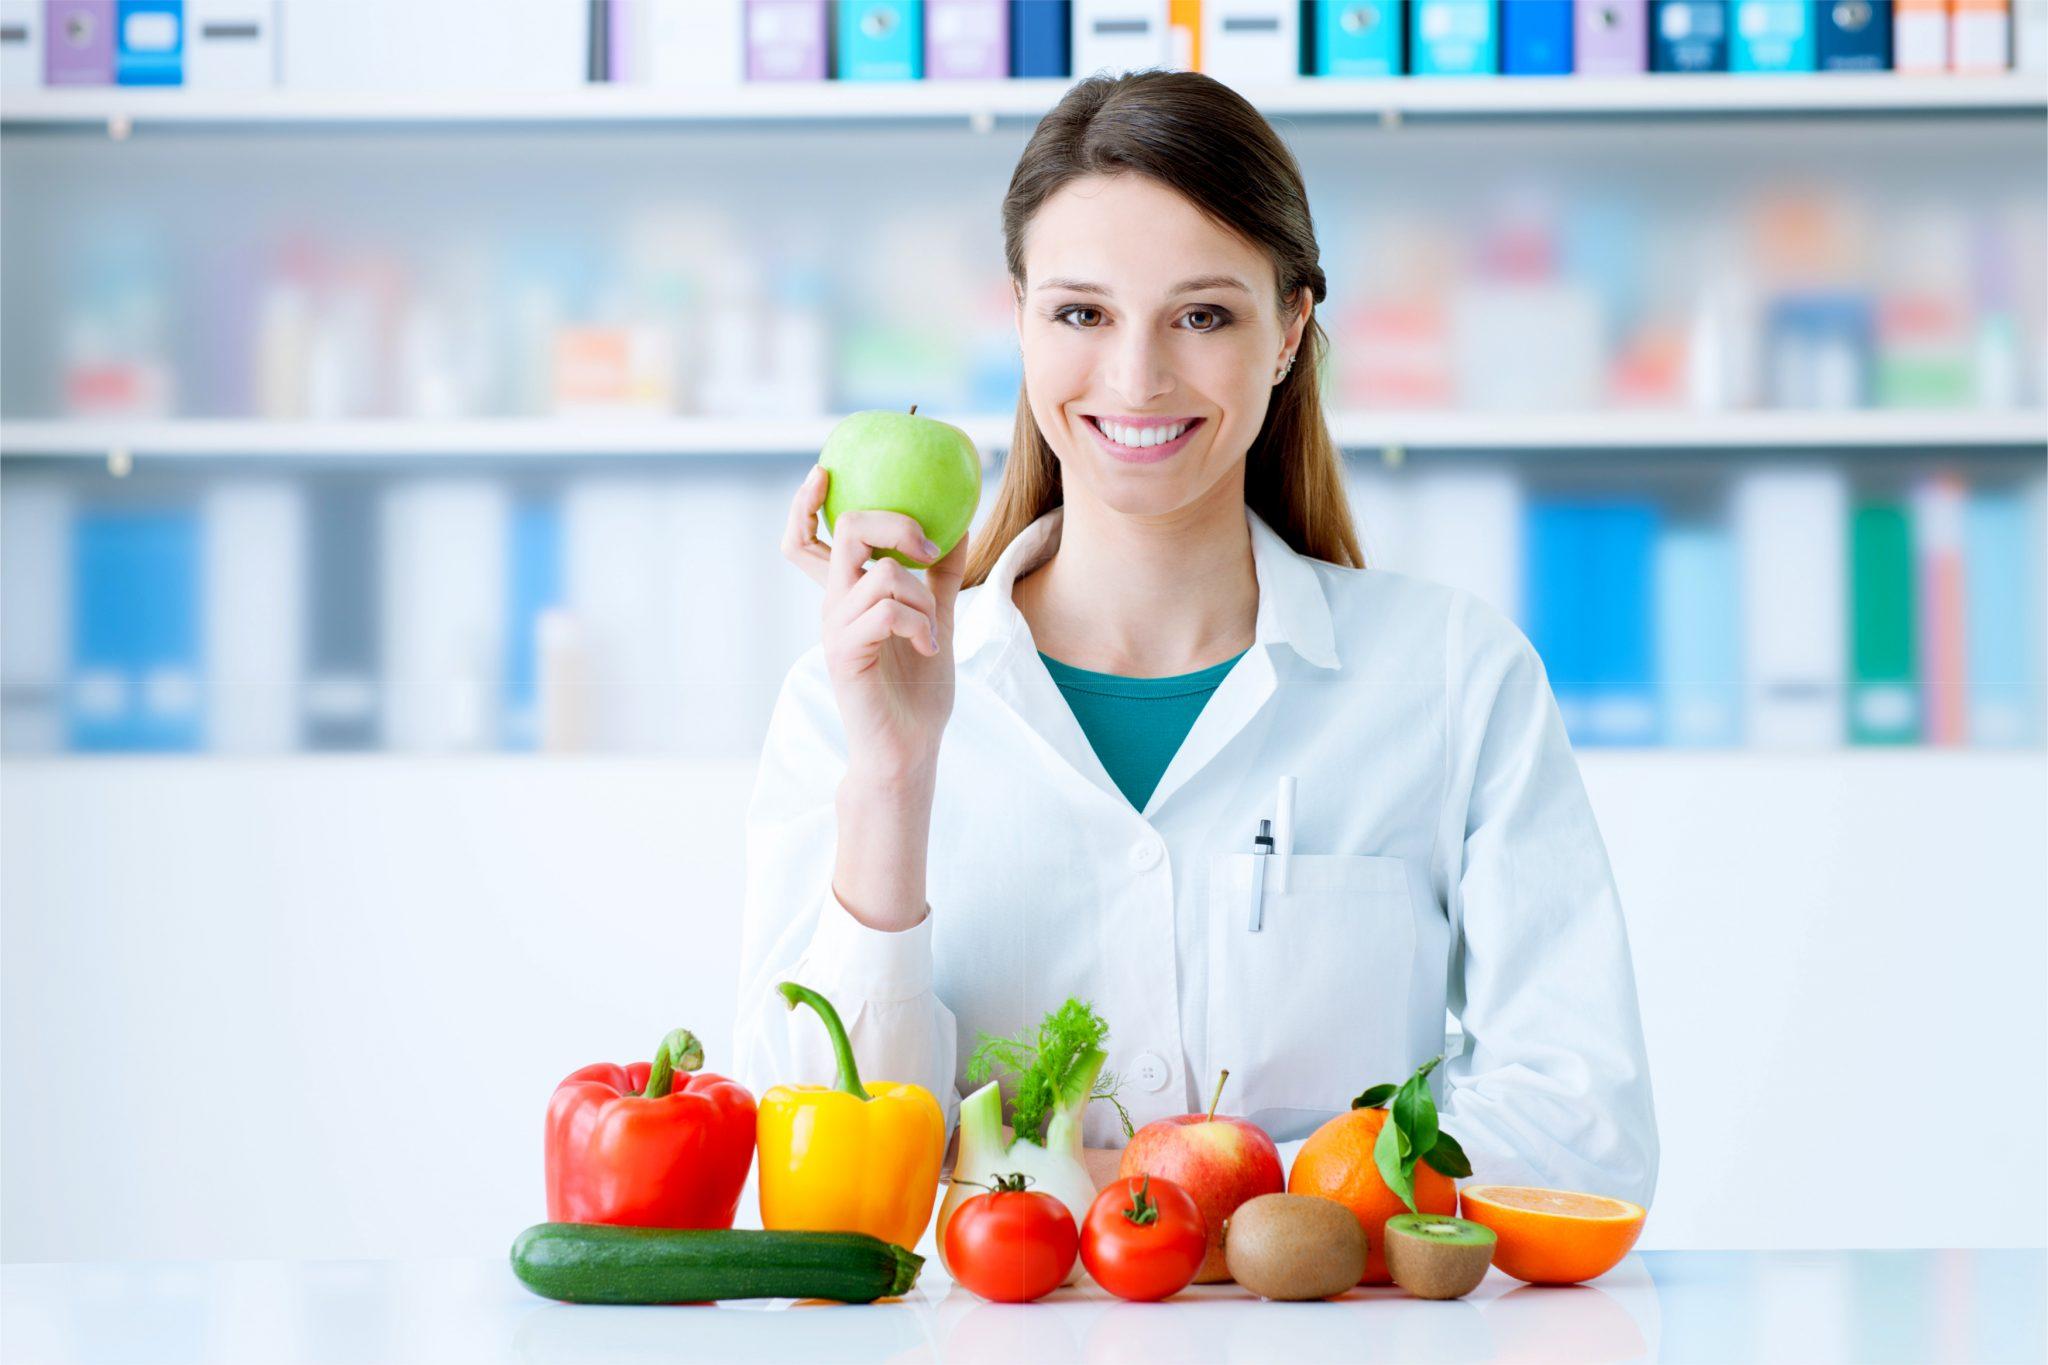 栄養士からの指導